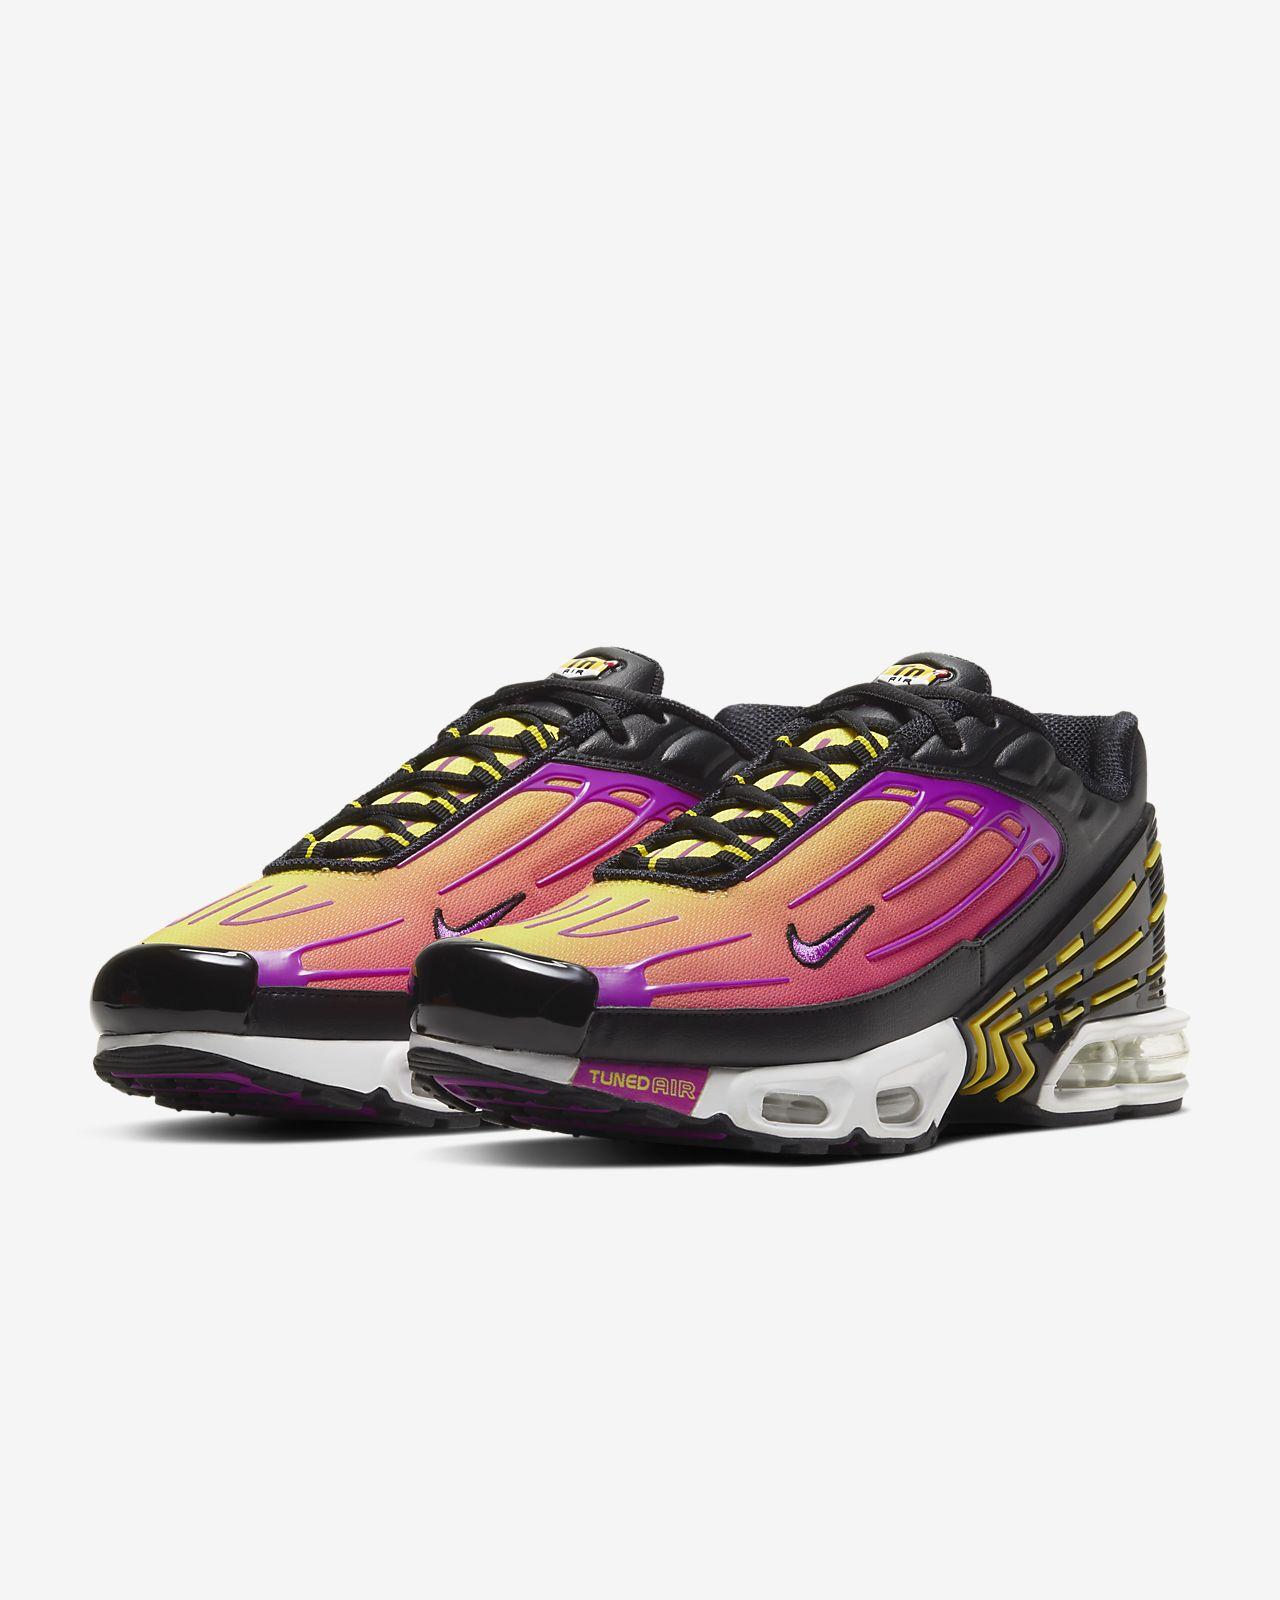 chaussure air max nike homme